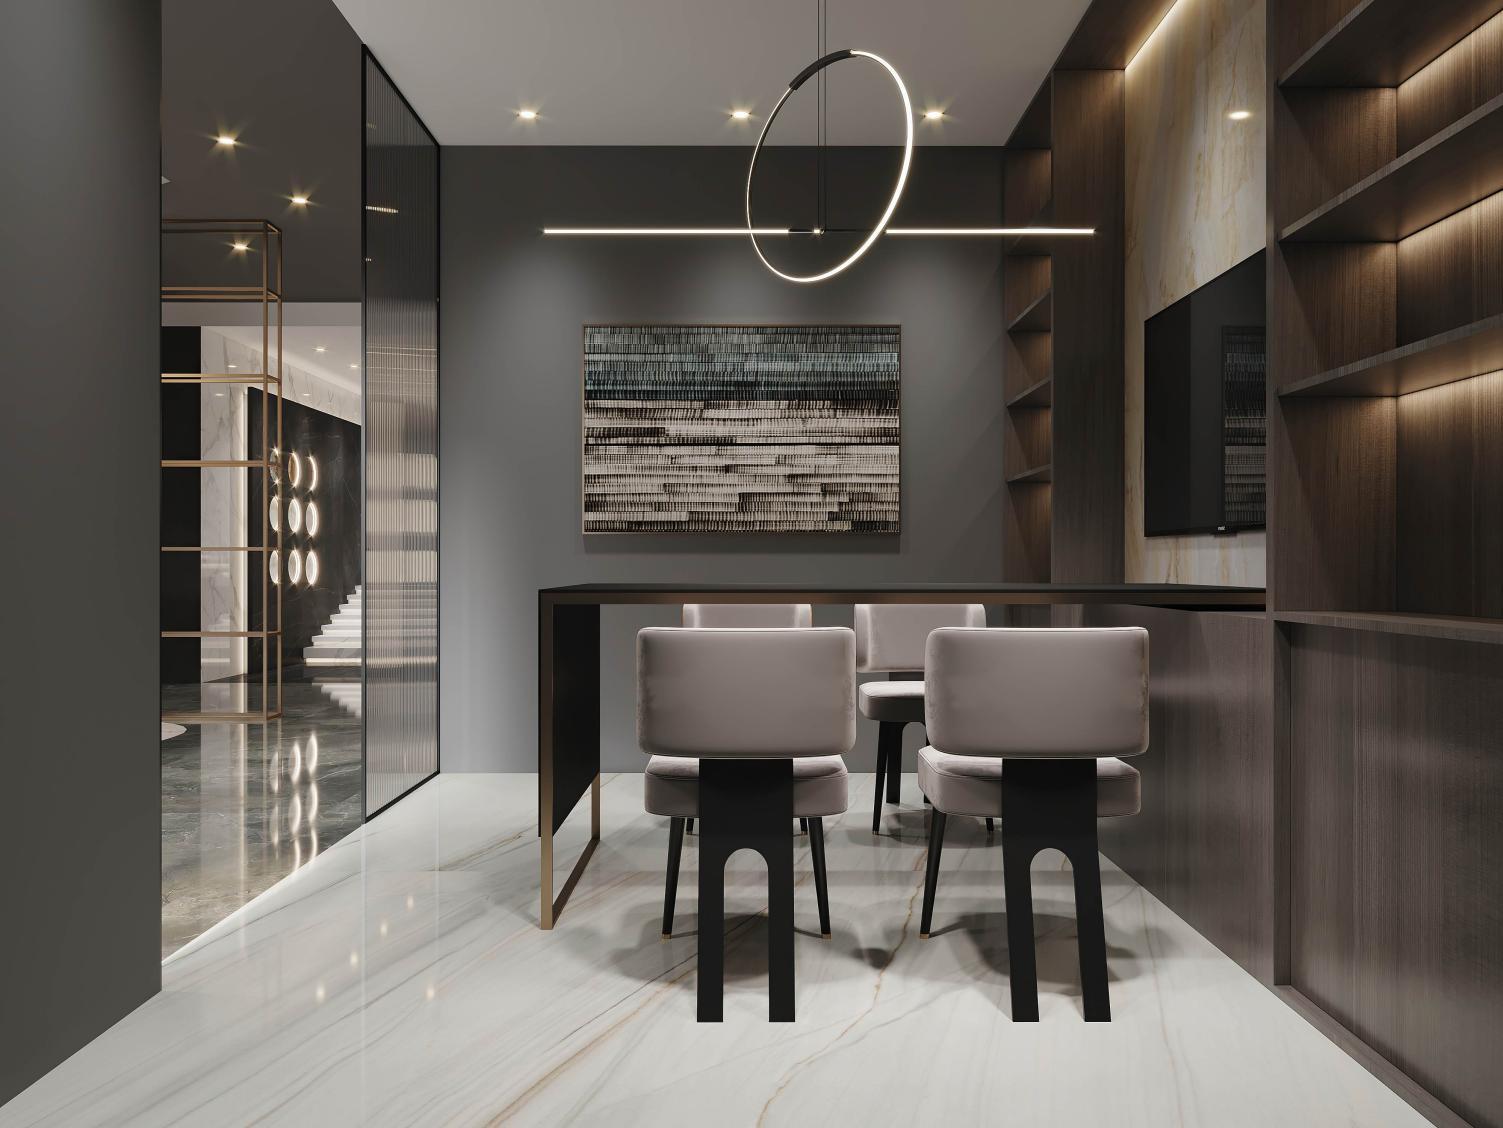 高颜值 轻奢范 丨 SCHENDER意大利施恩德岩板终端专卖店SI系统全新升级